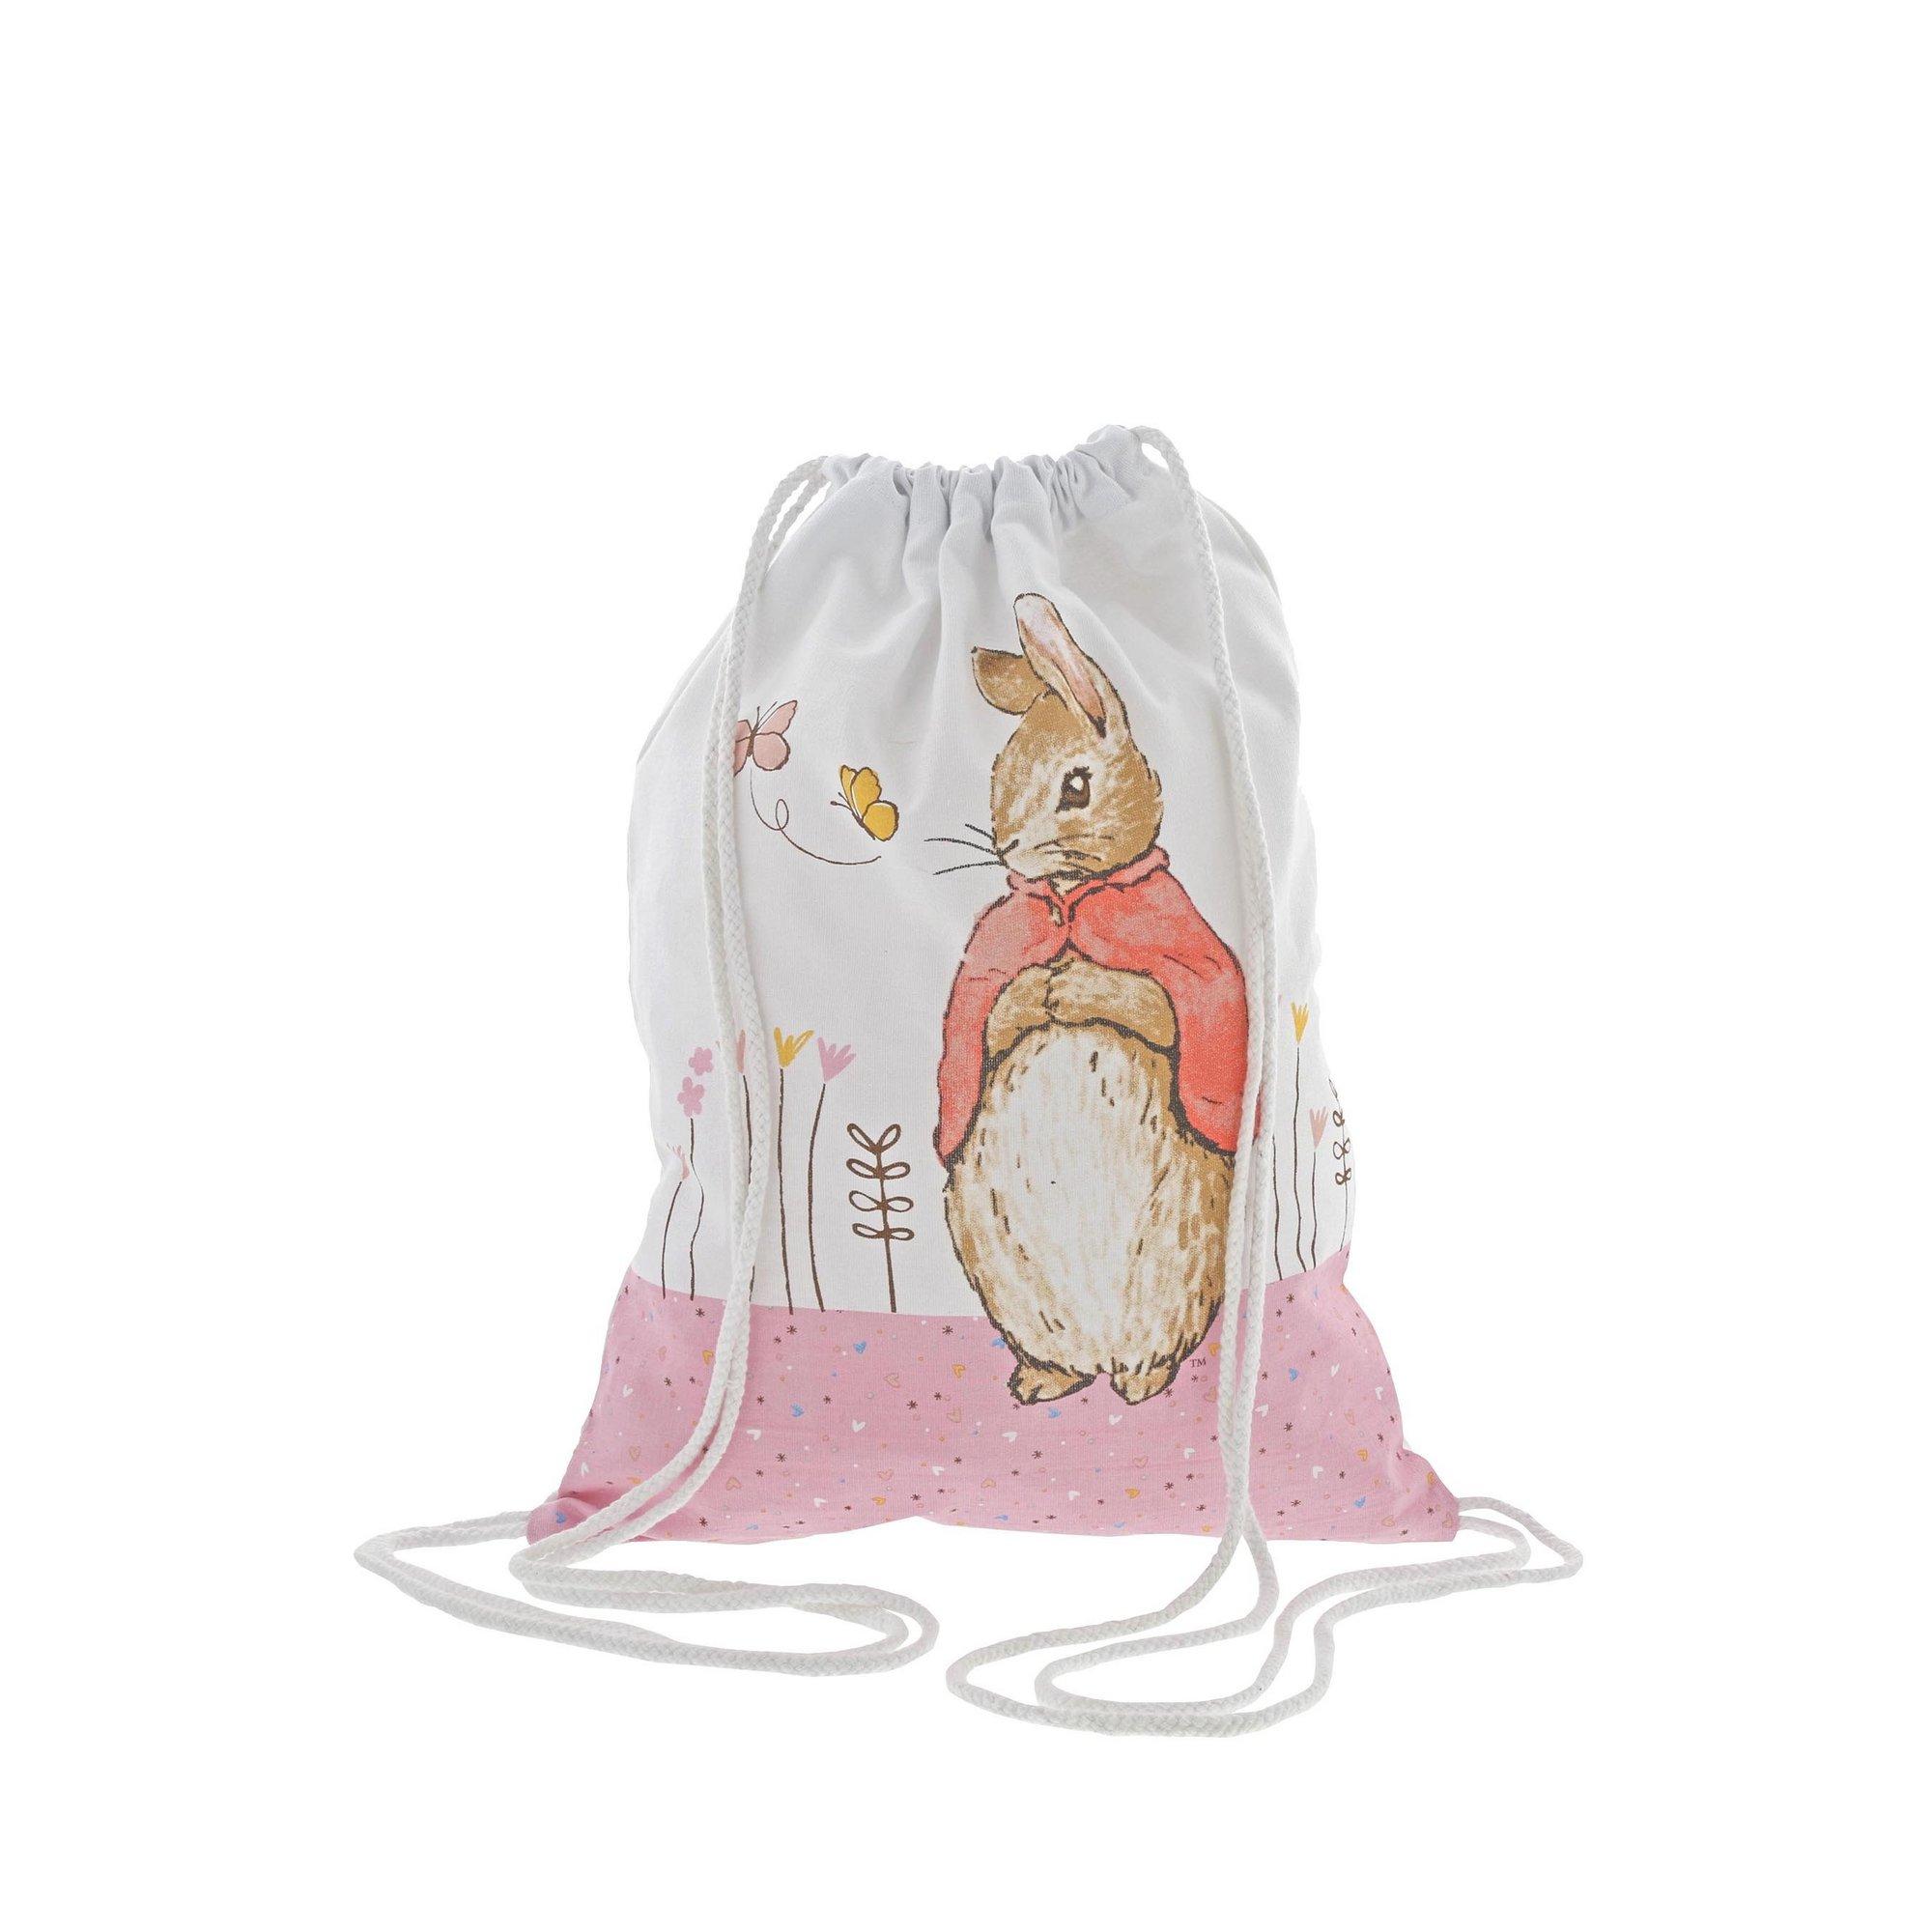 Image of Beatrix Potter Flopsy Drawstring Bag